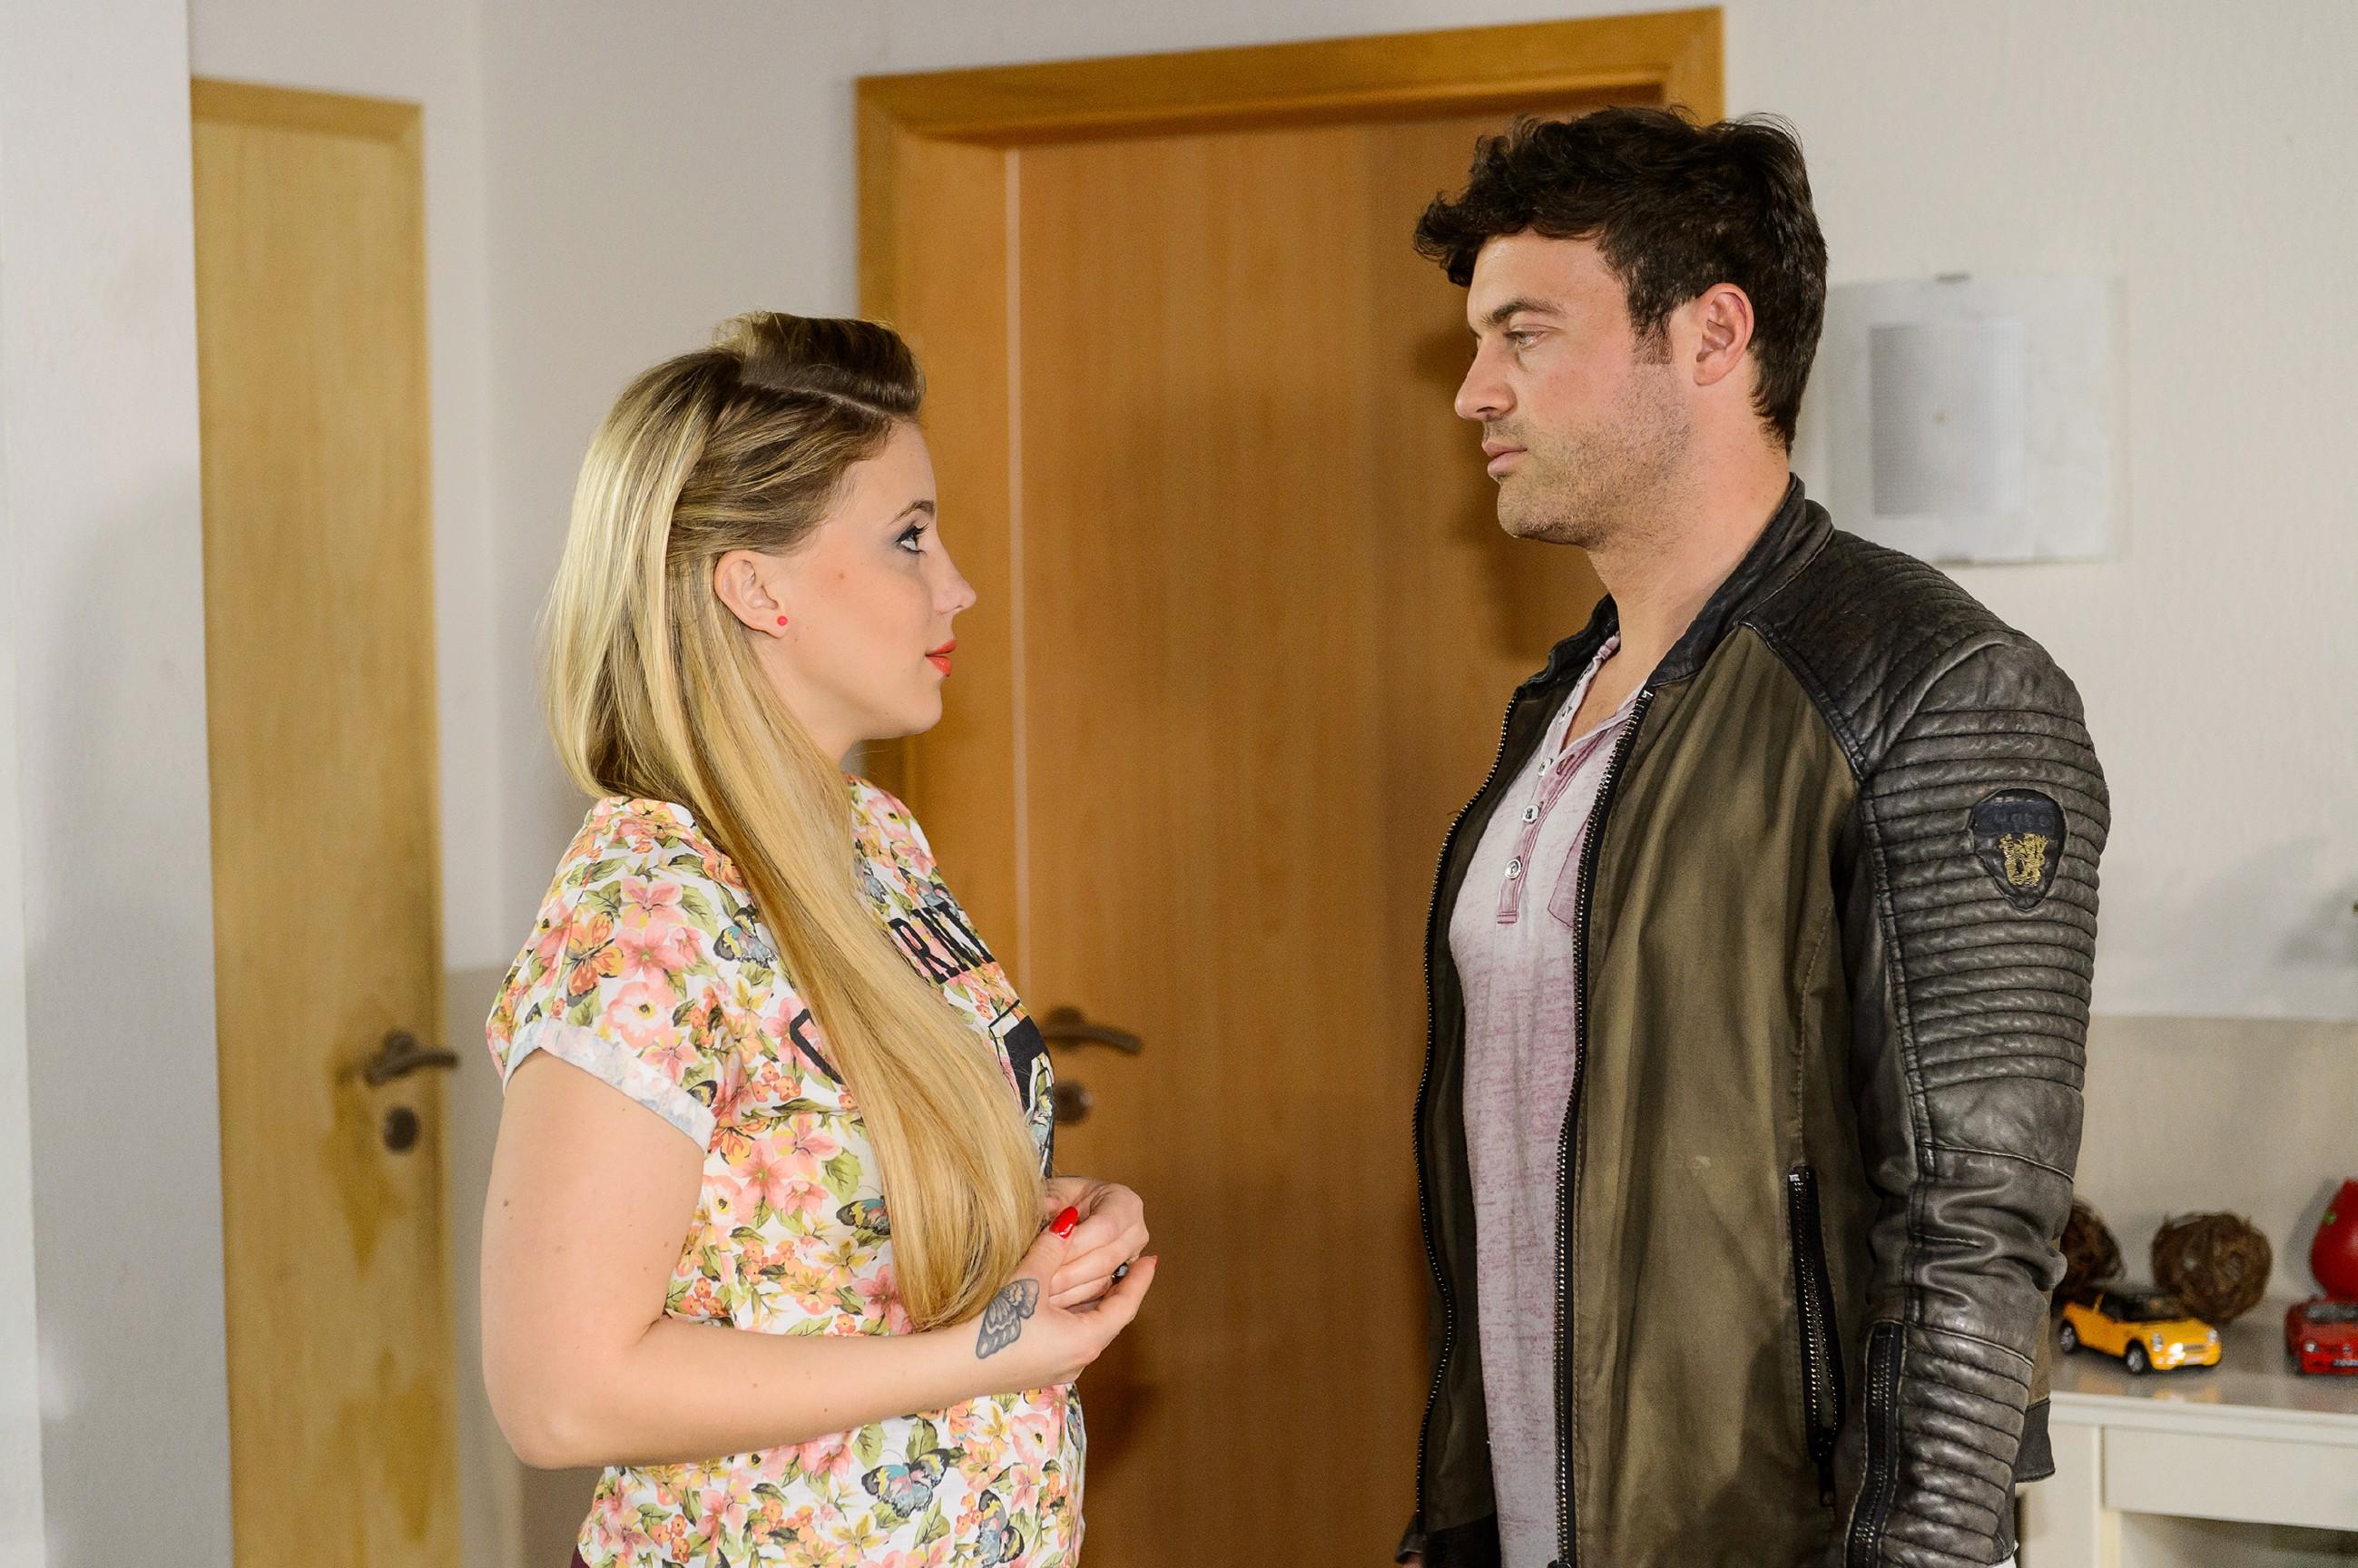 Ben (Jörg Rohde) bleibt hart, als Iva (Christina Klein) ihn bittet, ihr noch eine Chance zu geben: Für ihn ist die Beziehung mit Iva vorbei... (Quelle: RTL / Willi Weber)